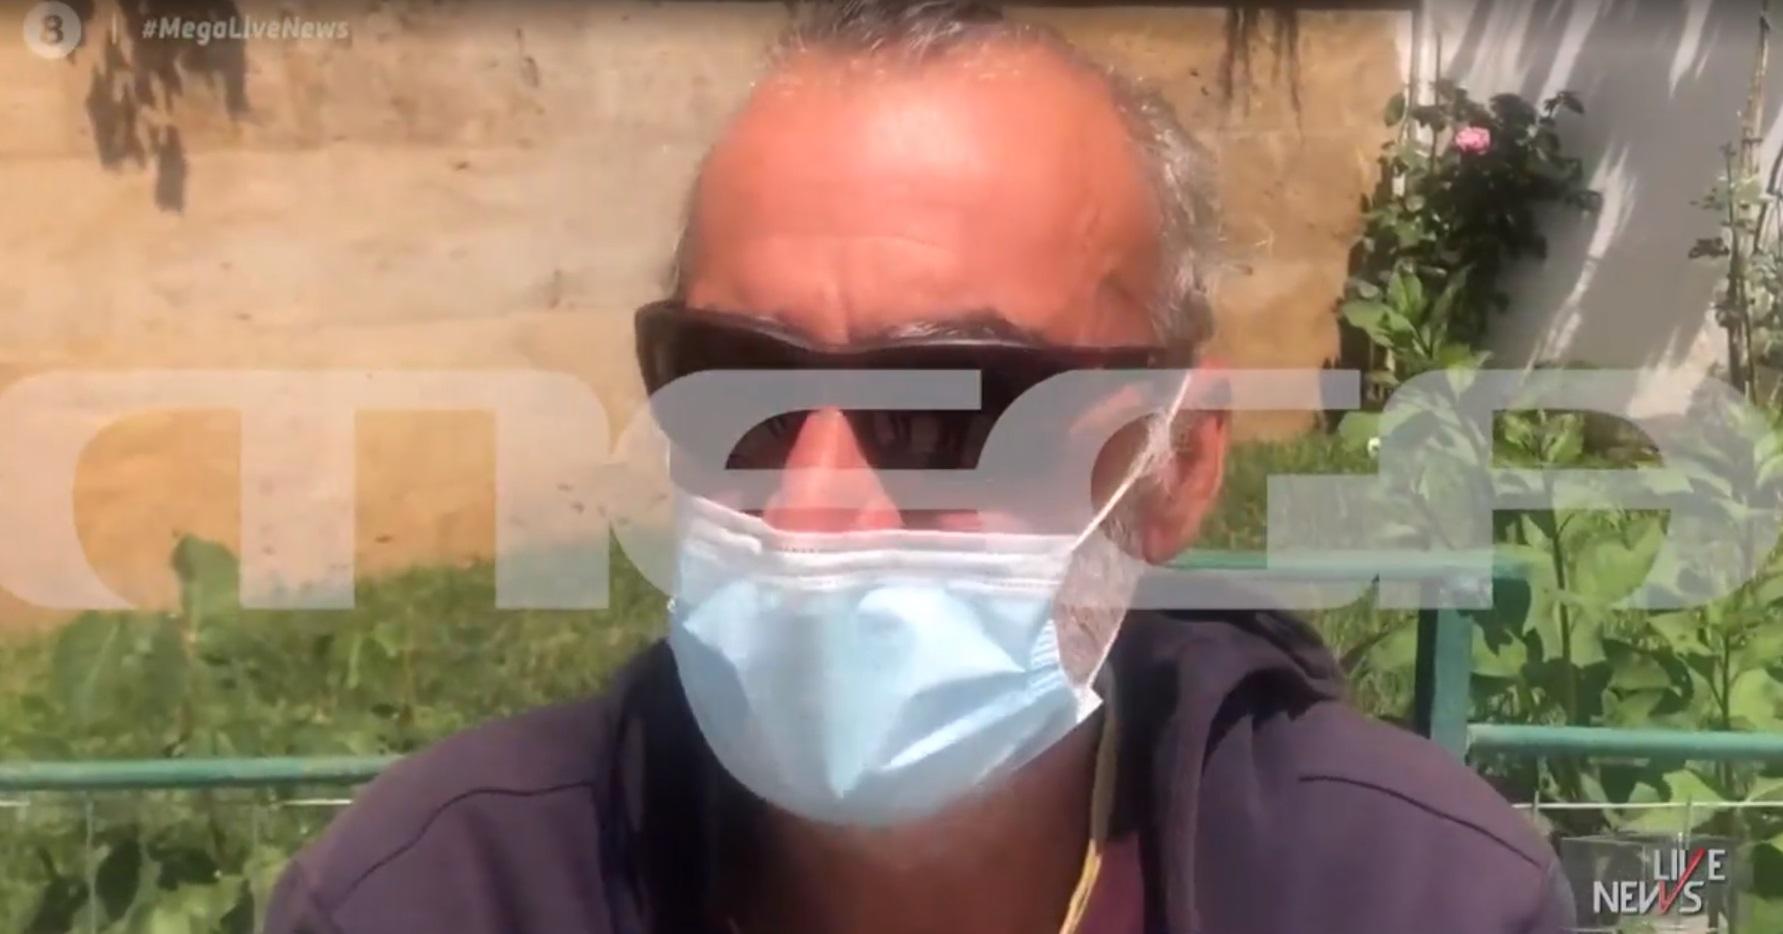 Θεσσαλονίκη: Αποσύρθηκε η δίκη του καθηγητή που κατηγορείται για απόπειρα αρπαγής 16χρονης